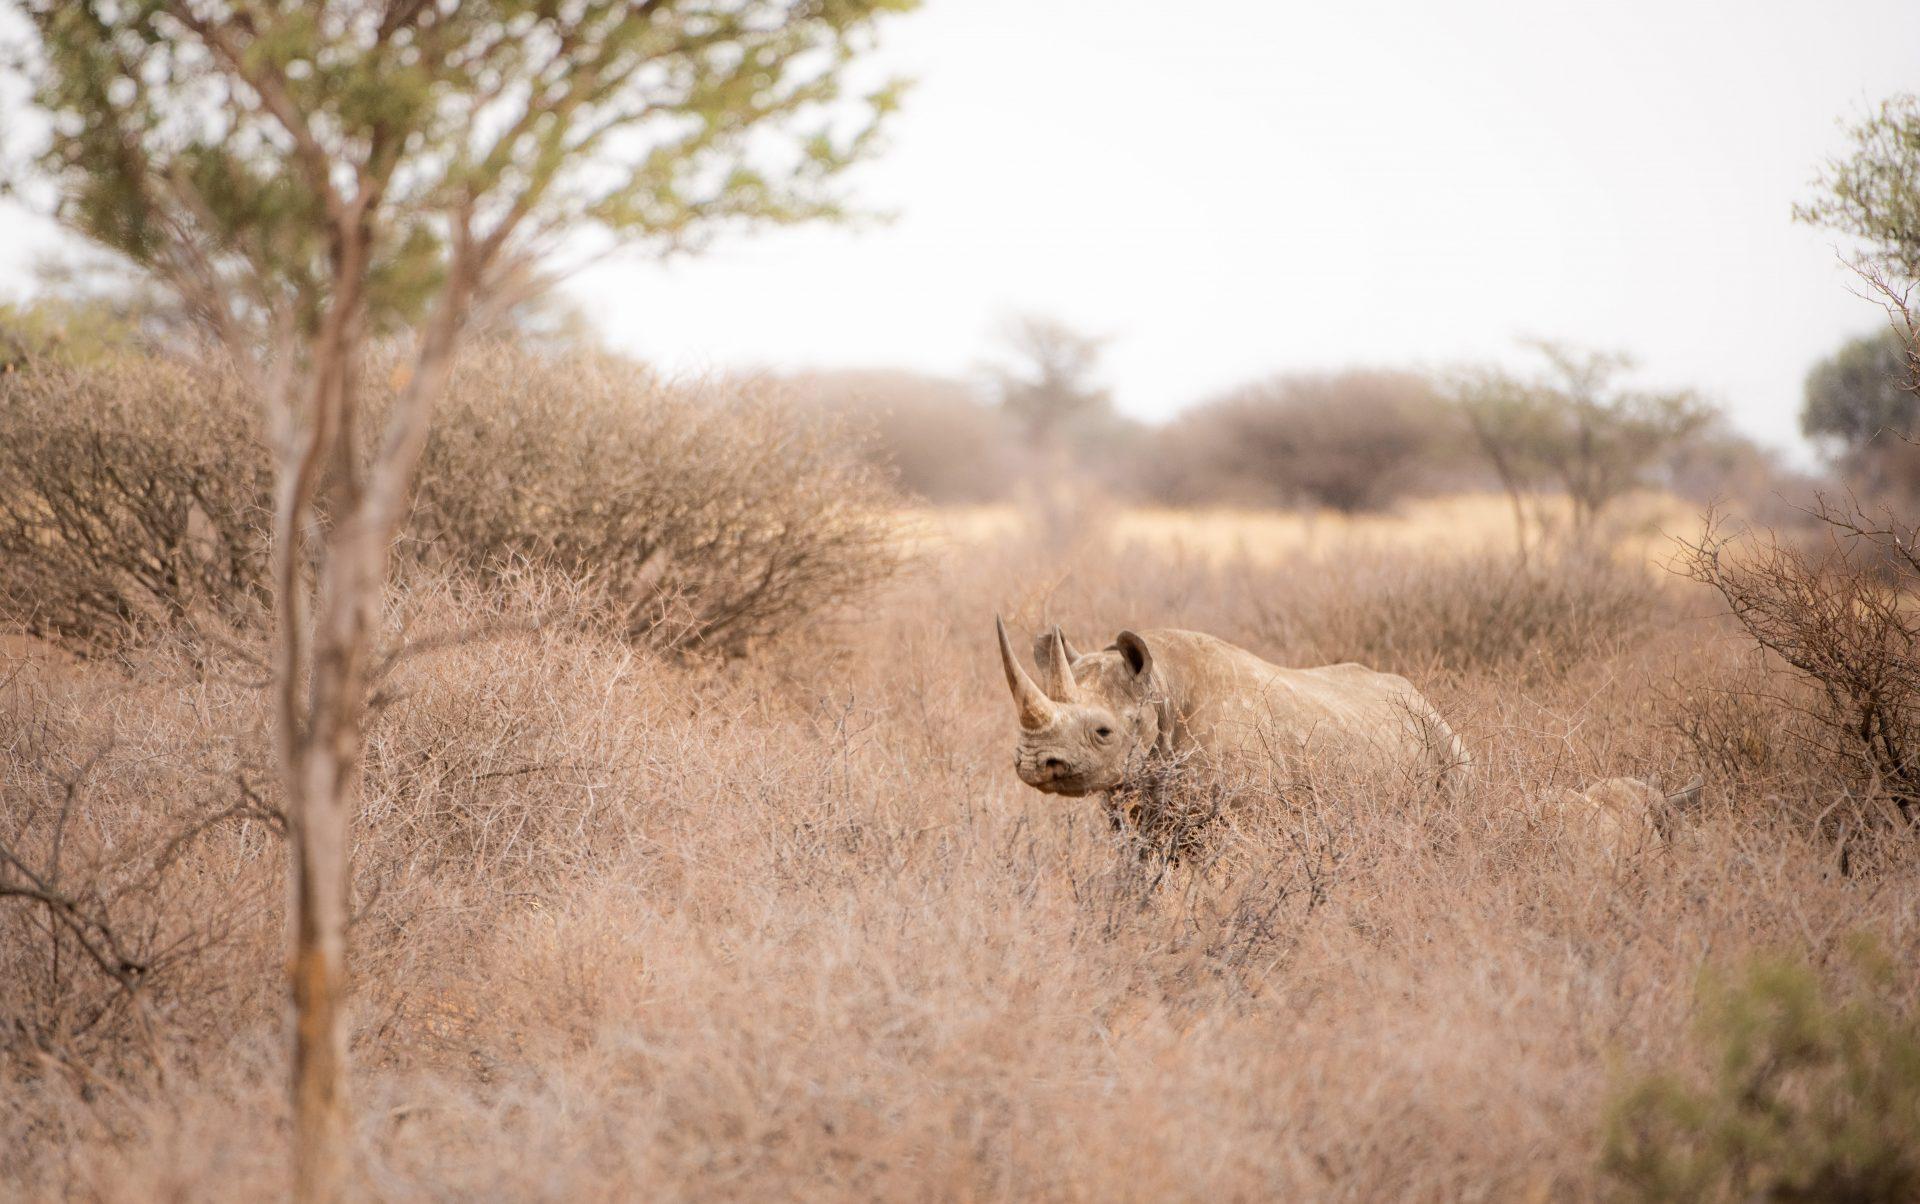 Rhino - wildlife journal winter safari